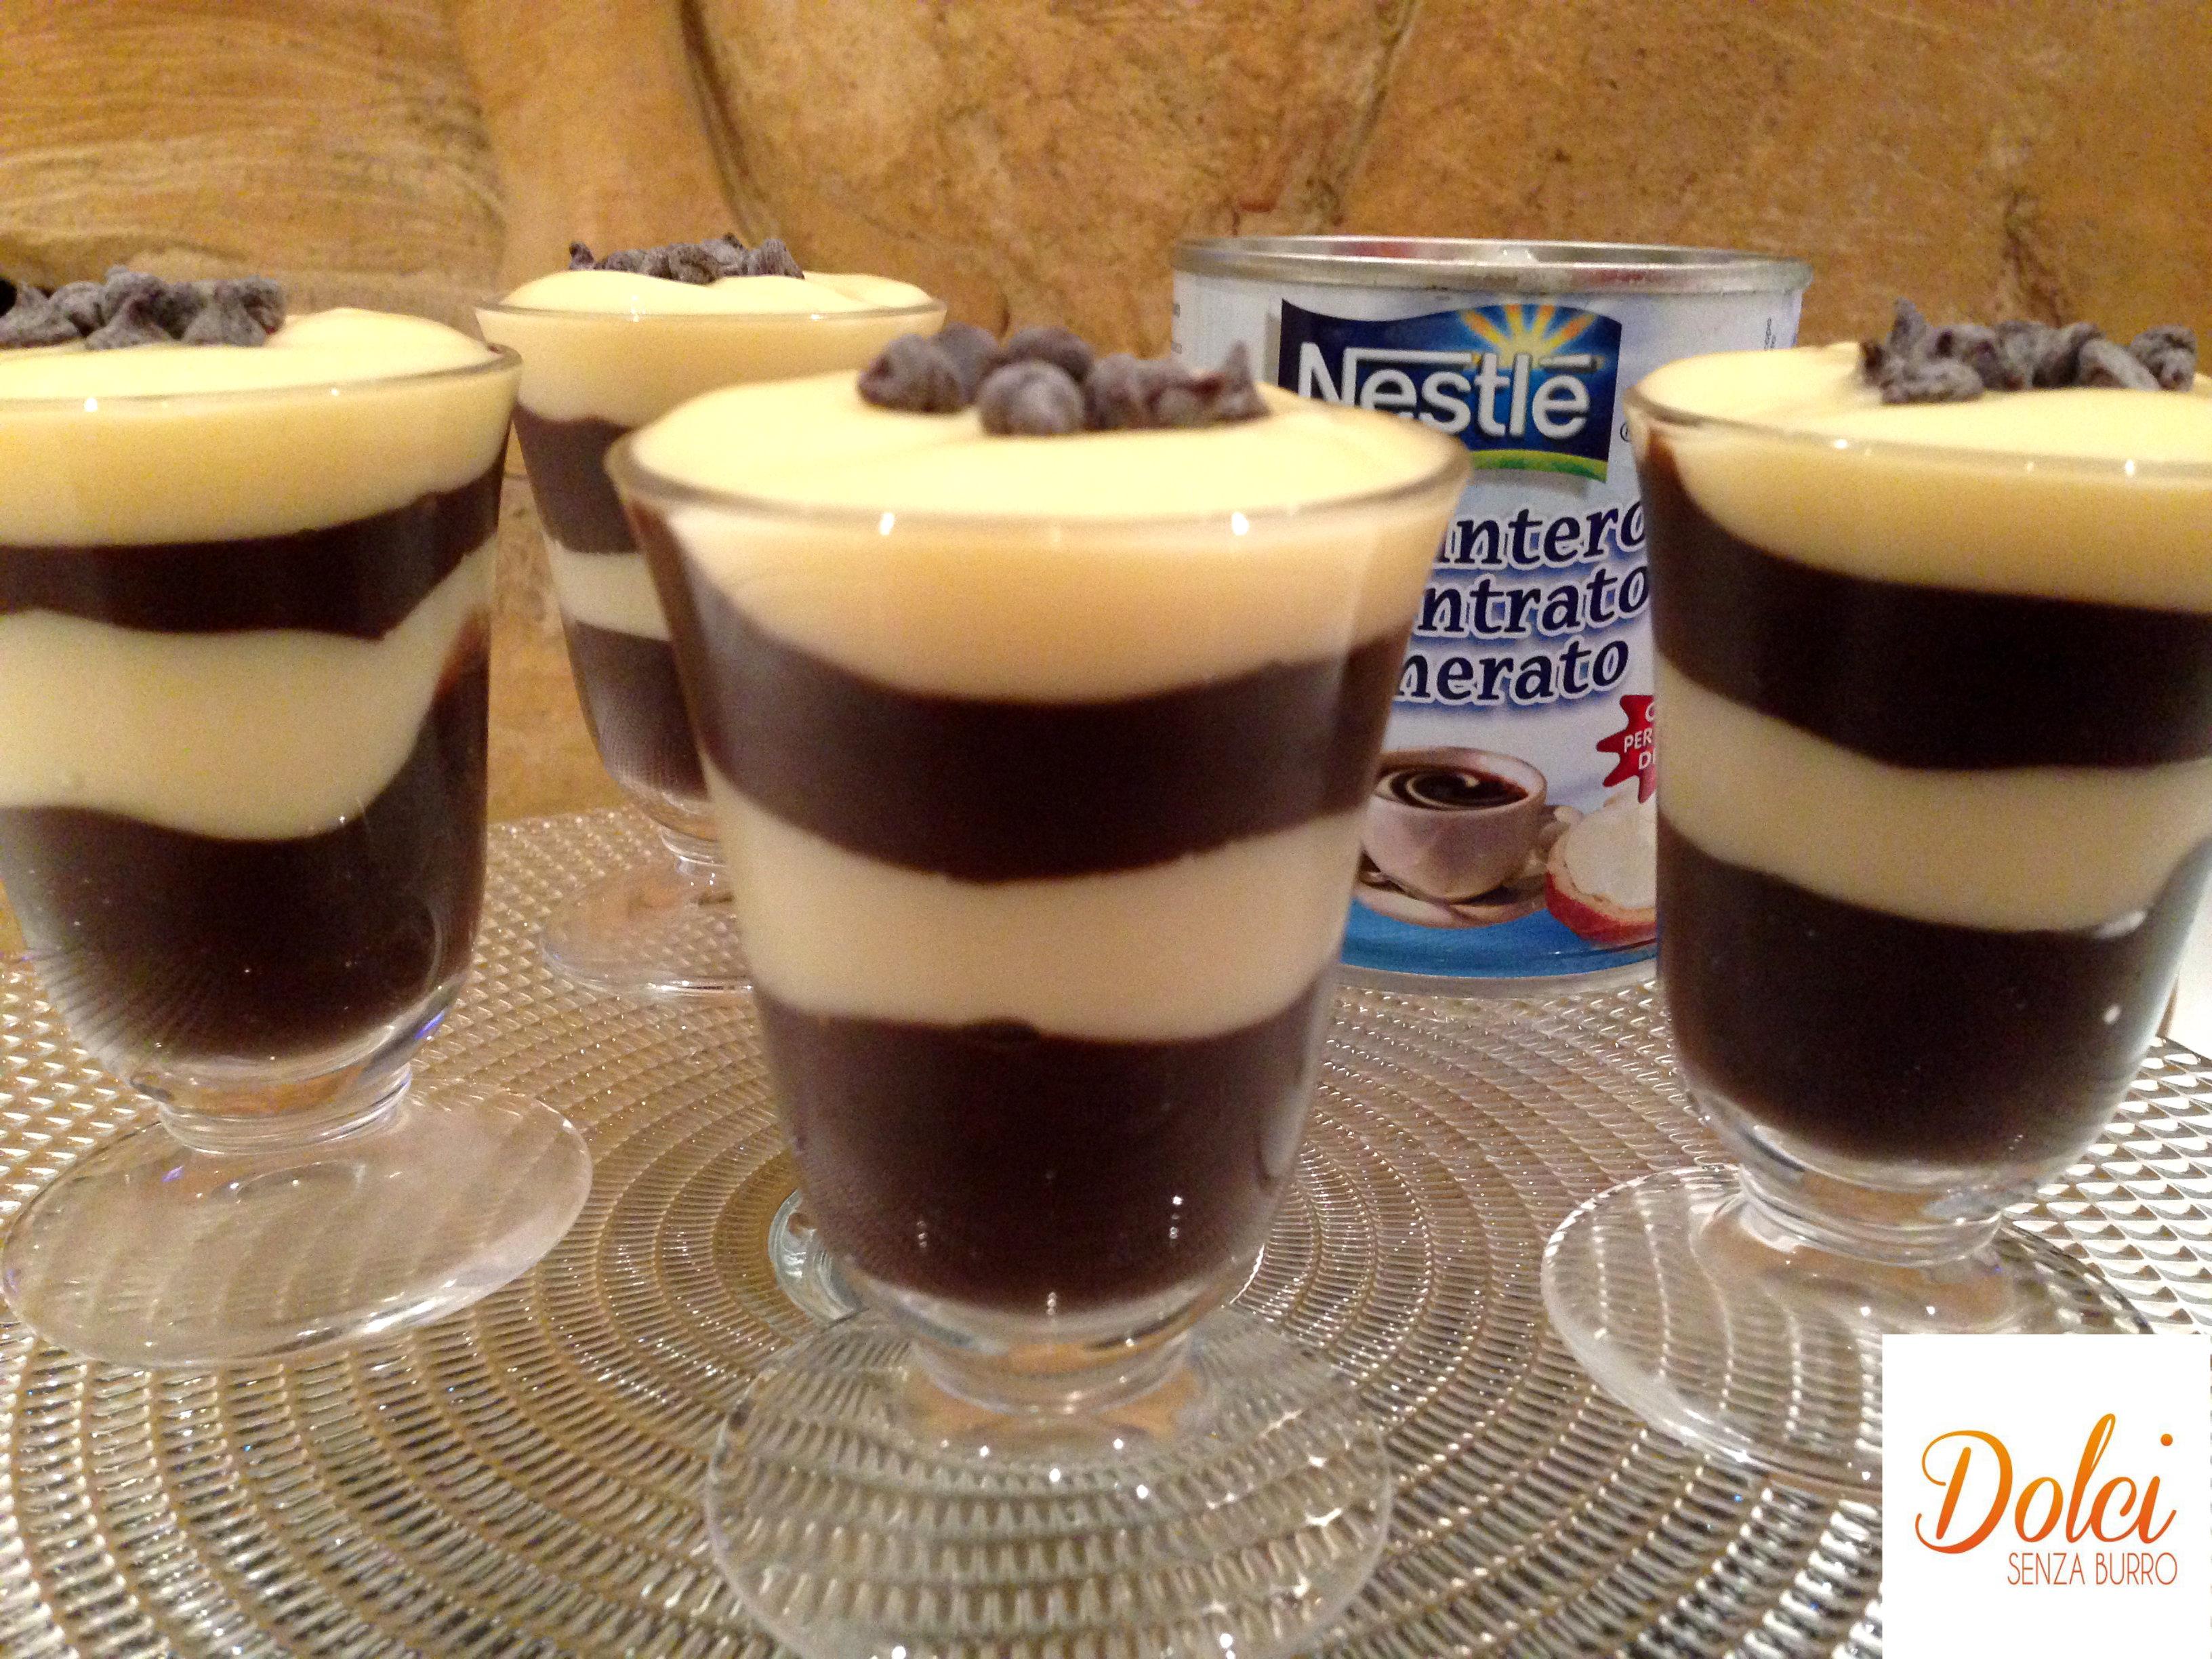 Crema Bigusto, la crema di latte condensato nestlè di Dolci Senza Burro